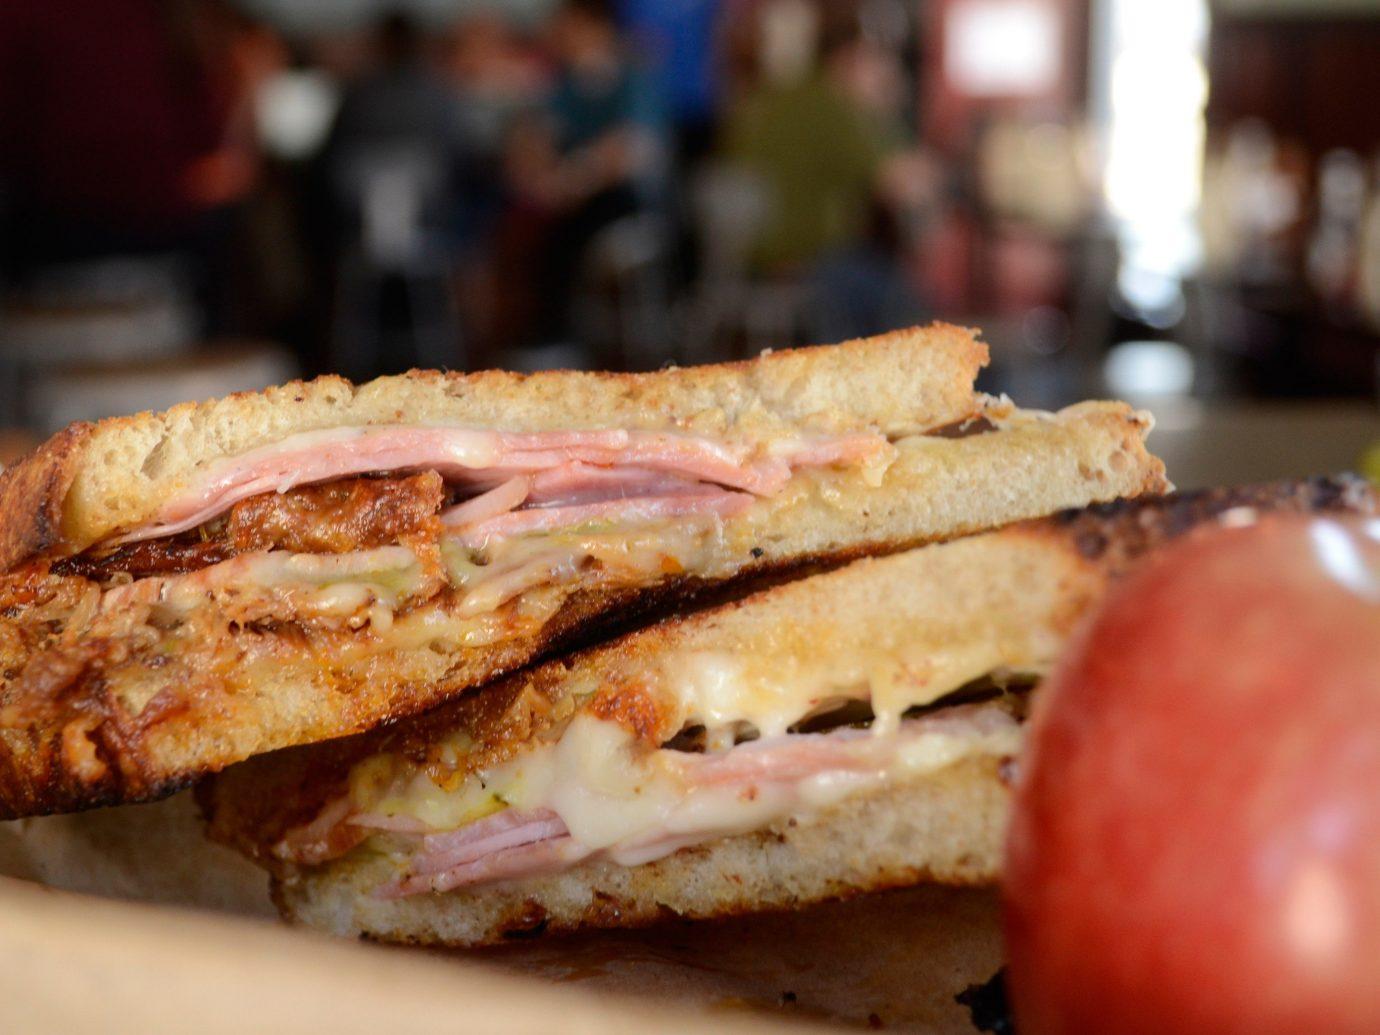 Food + Drink food sandwich indoor dish snack food meal meat lunch delicatessen breakfast cuisine close half